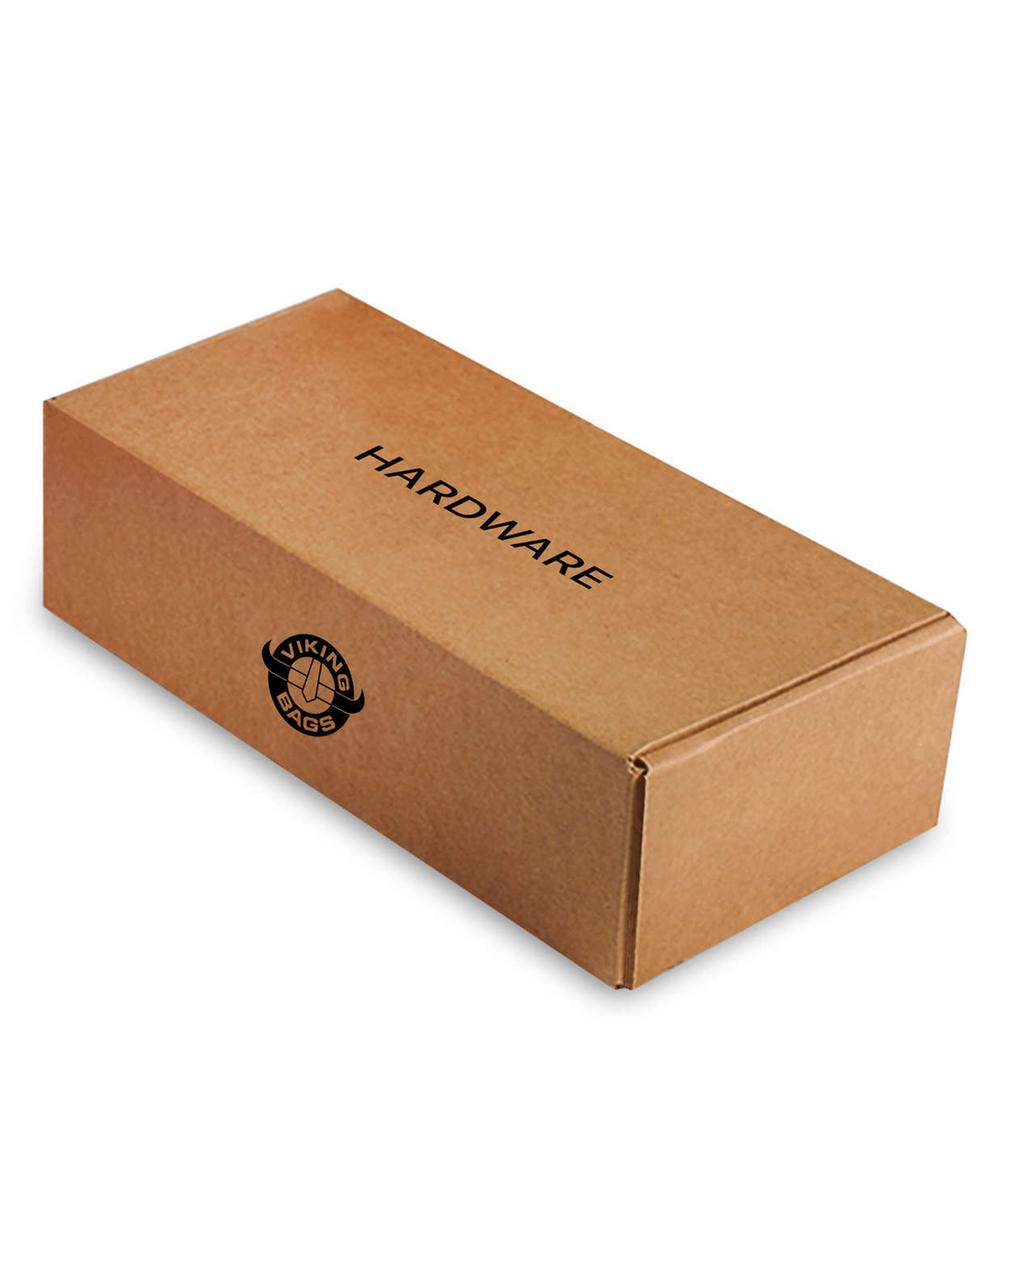 Honda Magna 750 Medium Charger Slanted Studded Motorcycle Saddlebags box